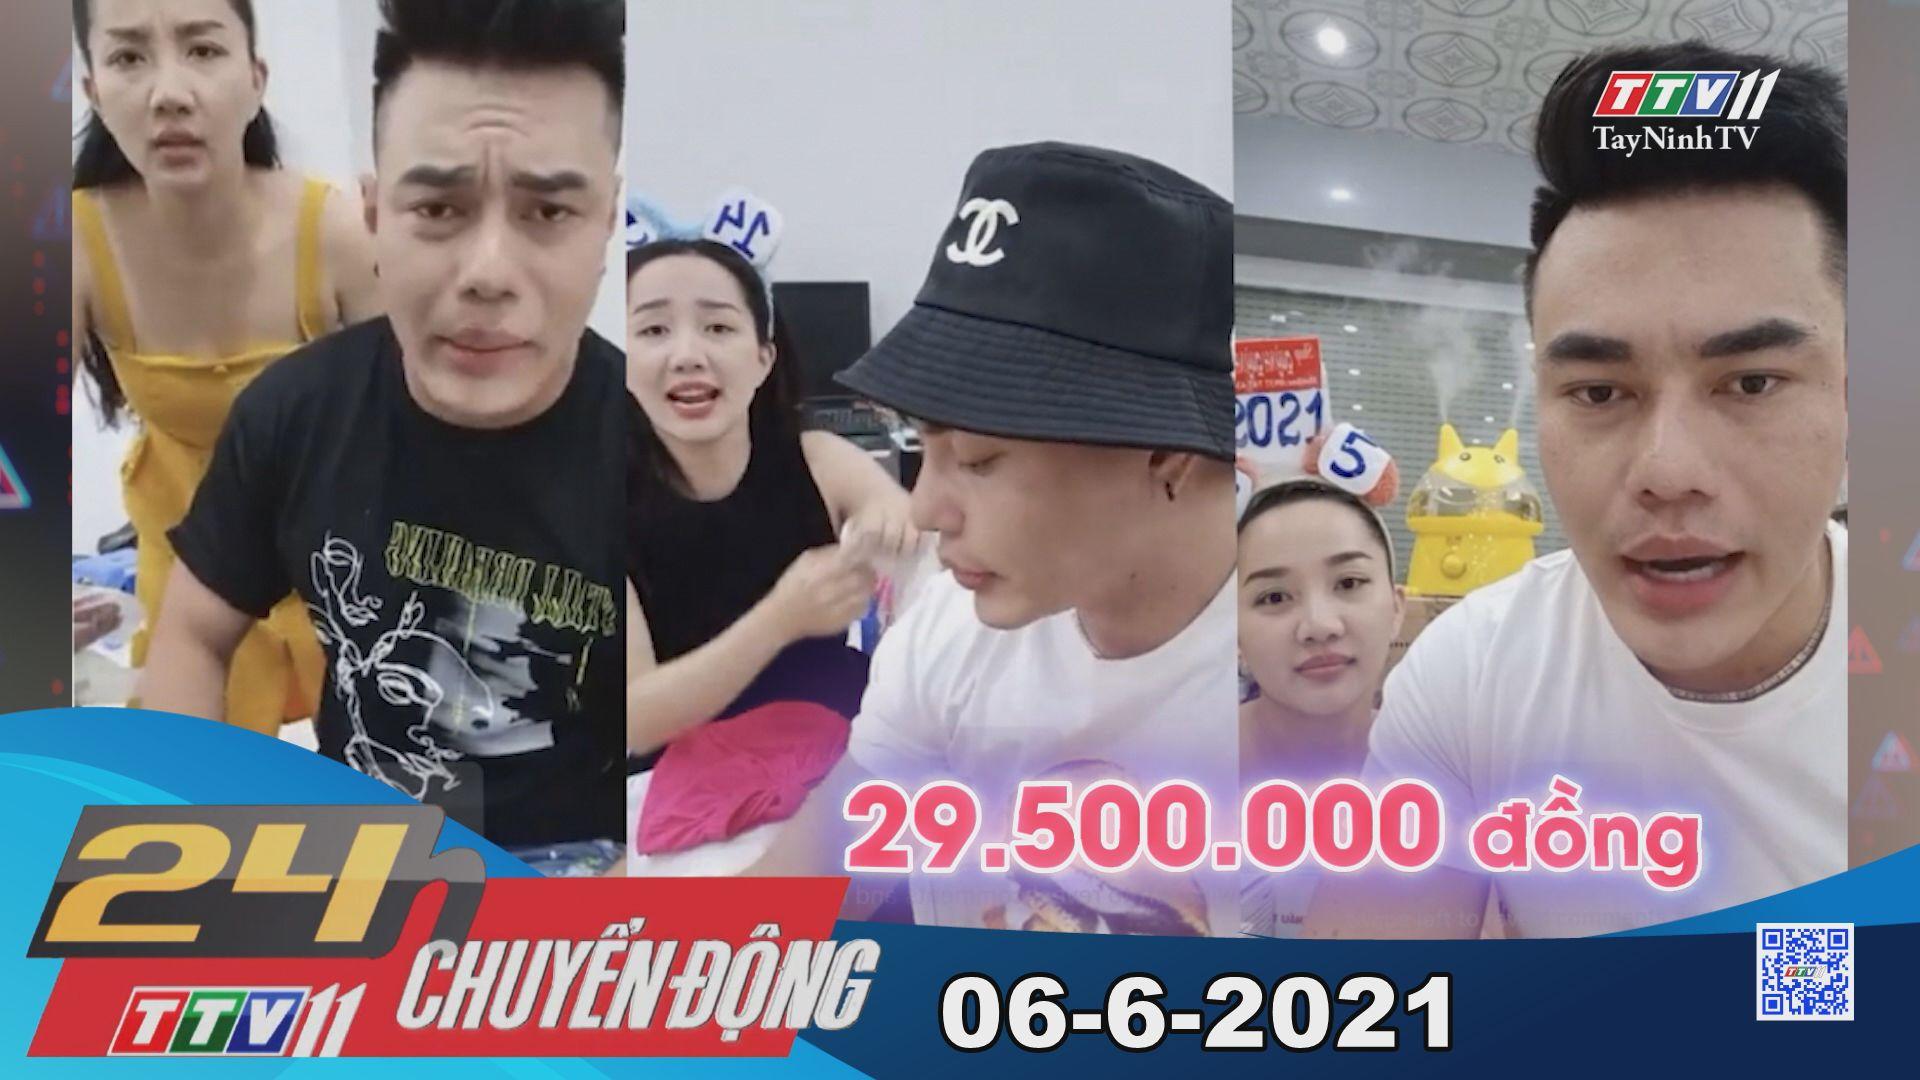 24h Chuyển động 06-6-2021 | Tin tức hôm nay | TayNinhTV